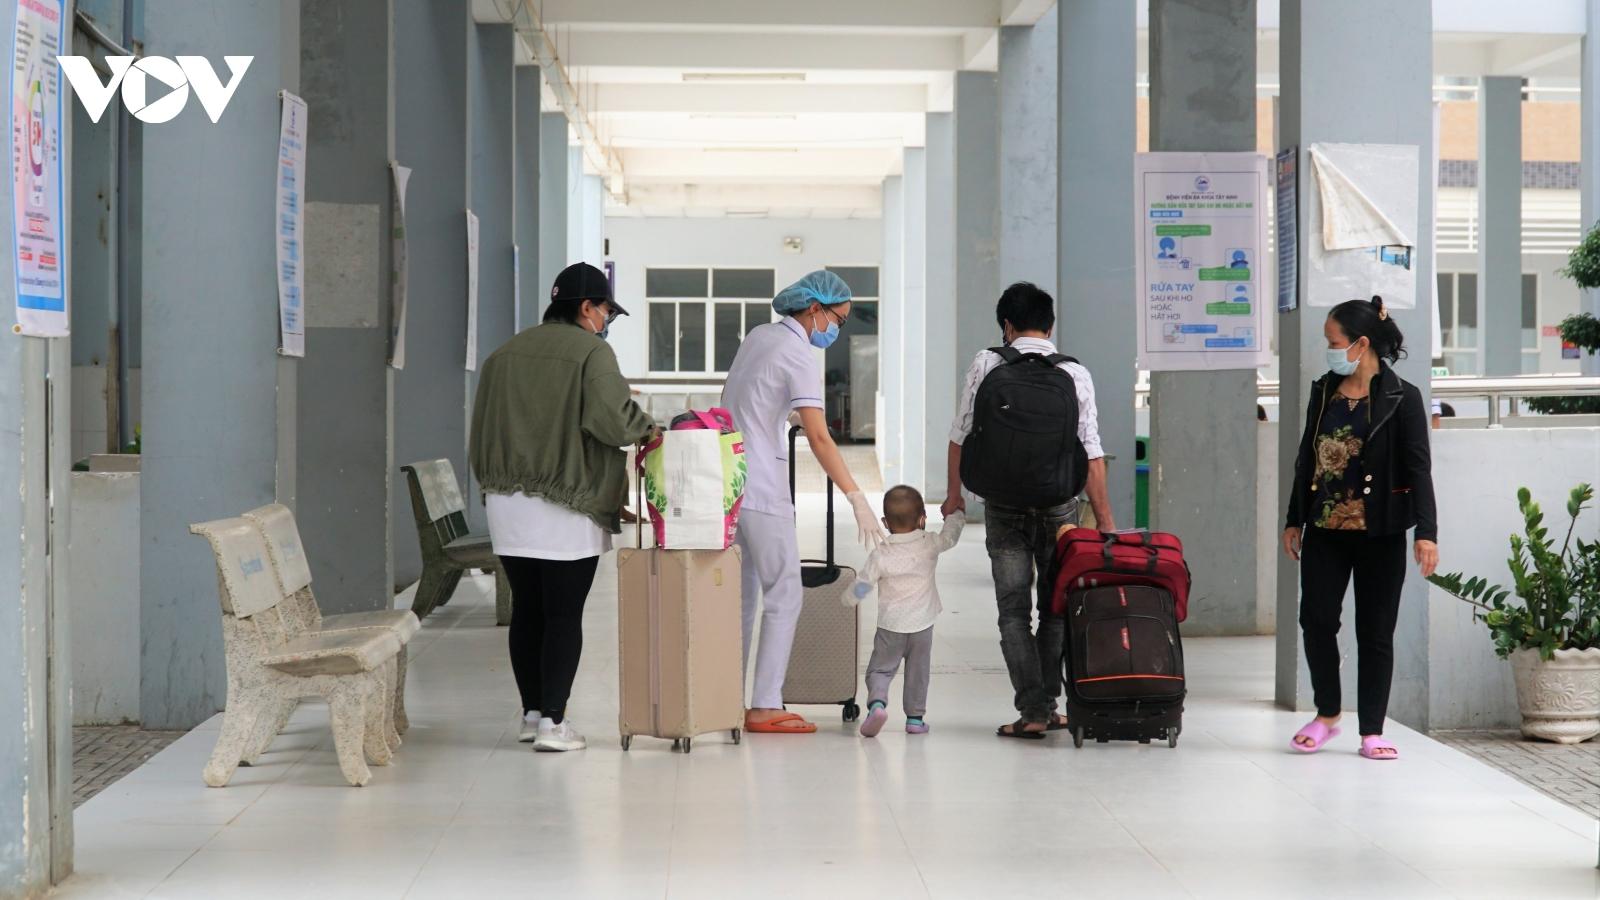 Tây Ninh: 3 bệnh nhân mắc Covid-19 được ra viện